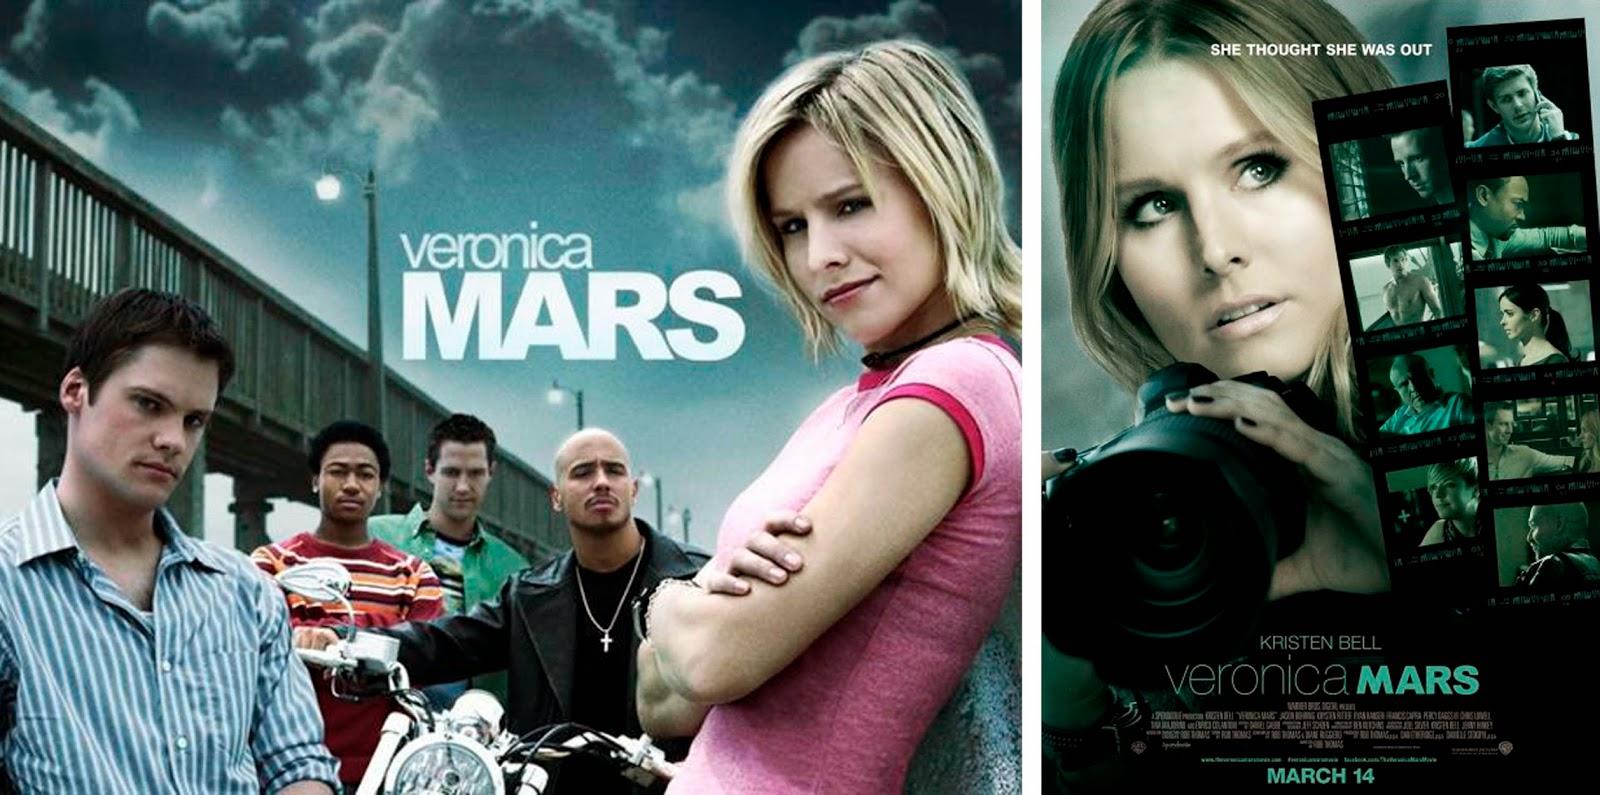 Kristen Bell, película basada en la serie 'Veronica Mars'